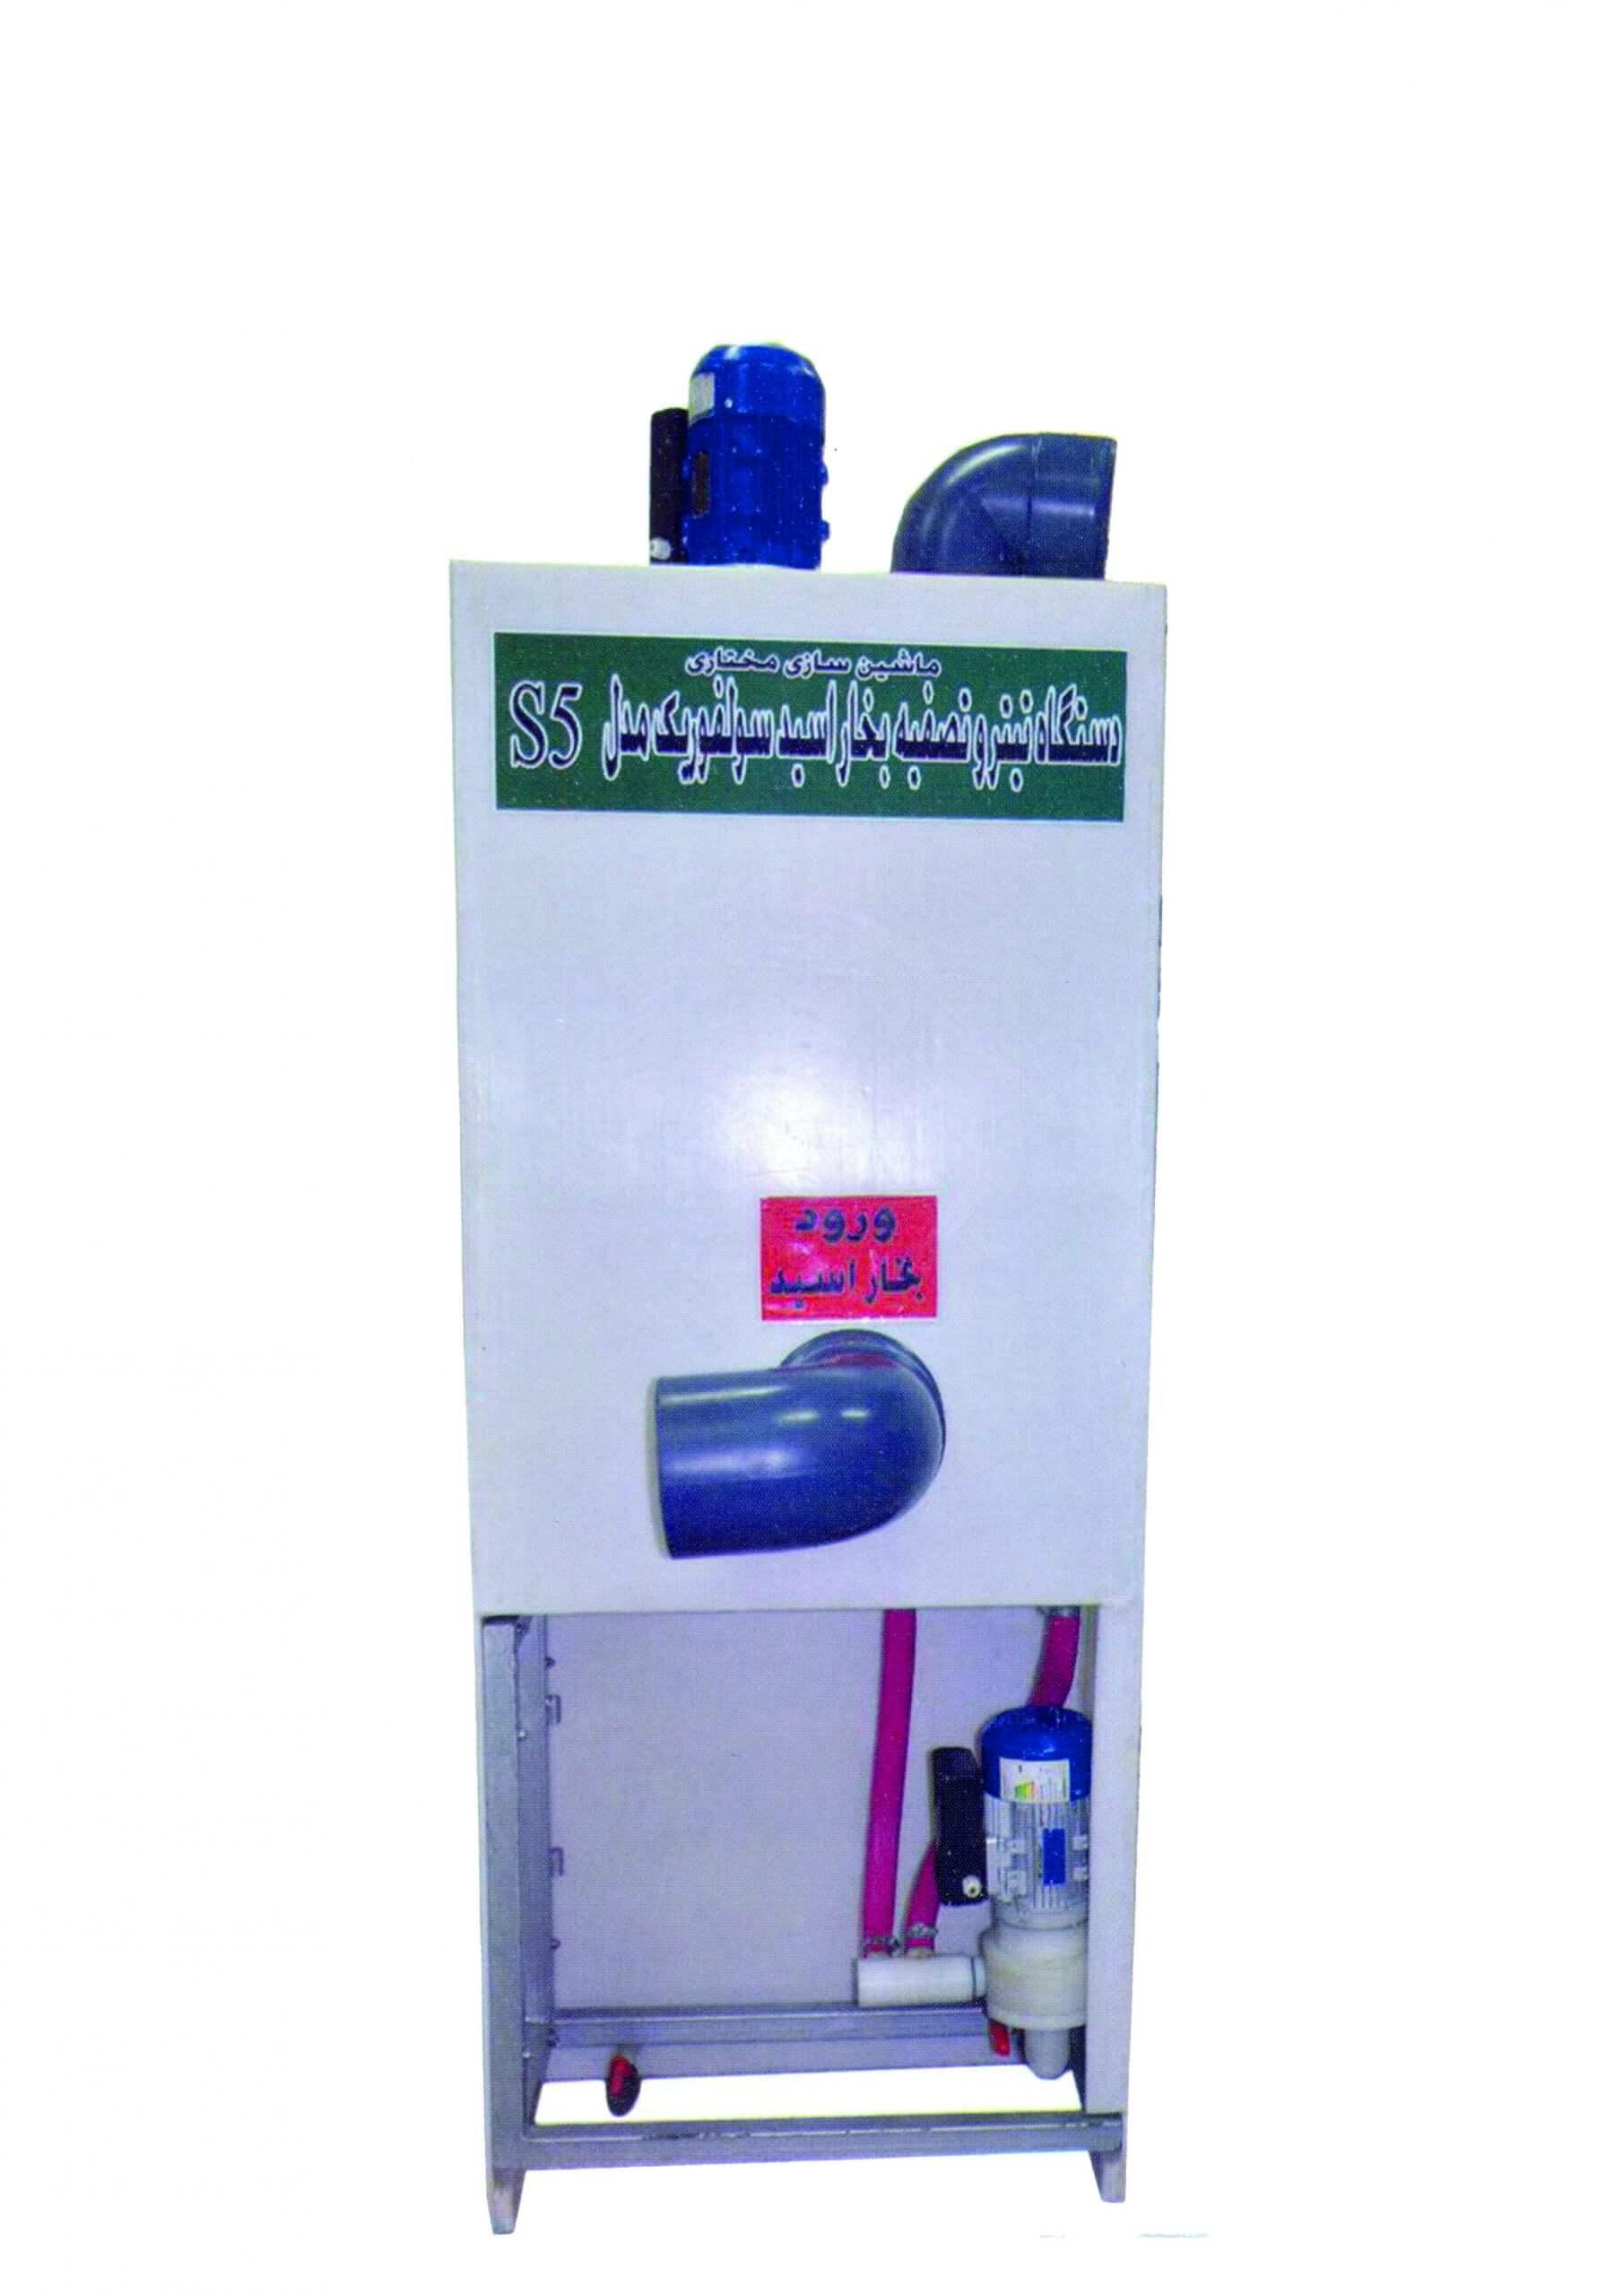 دستگاه تصفیه بخار اسید S5